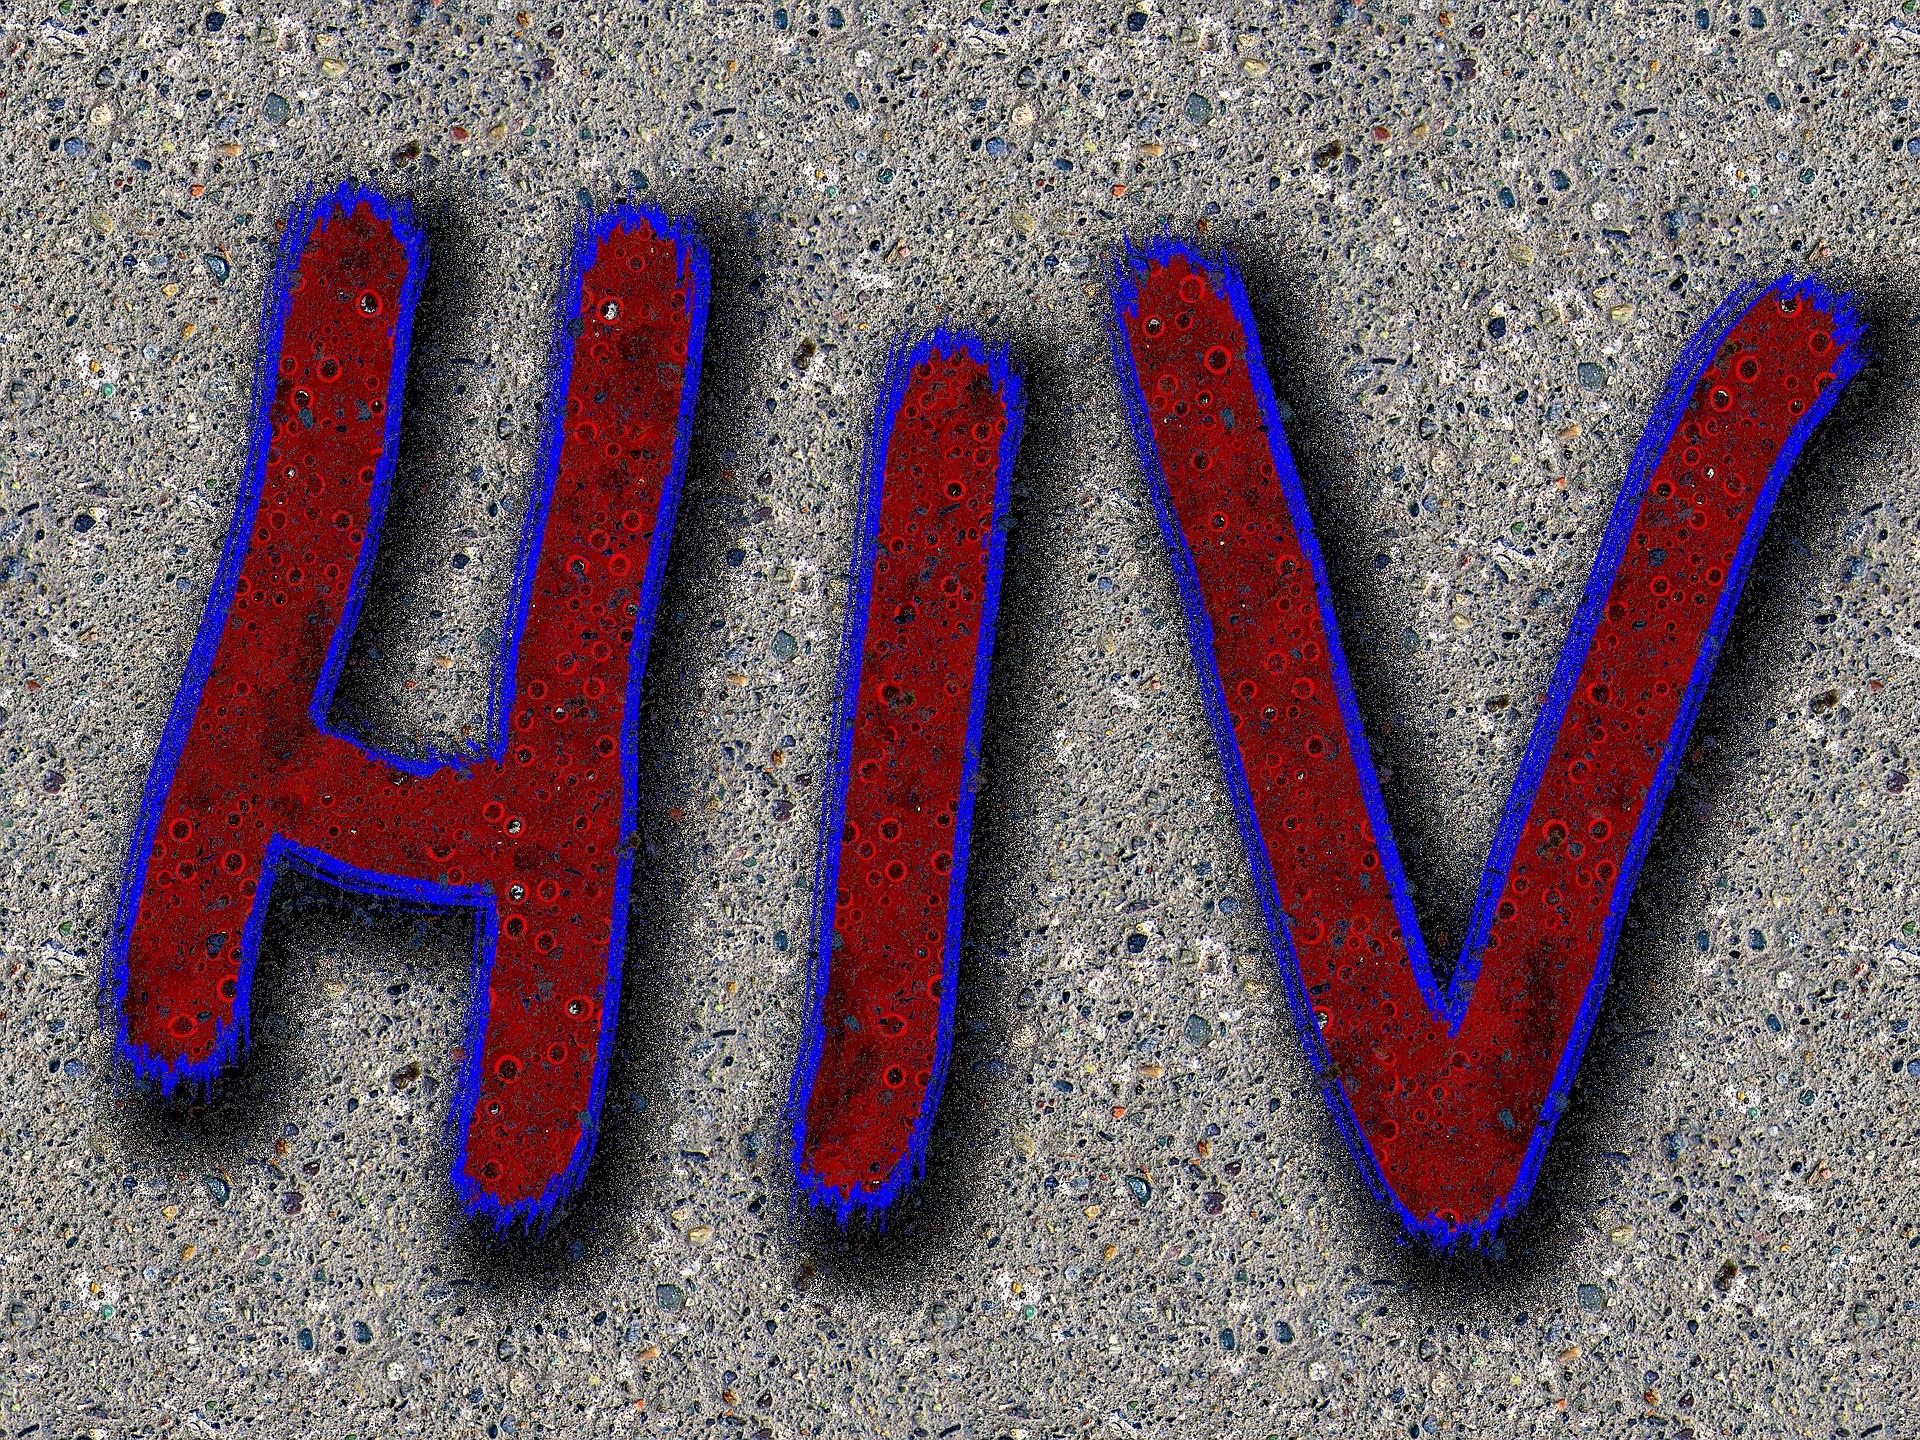 Darmowe, domowe testy na HIV [INFORMACJA]